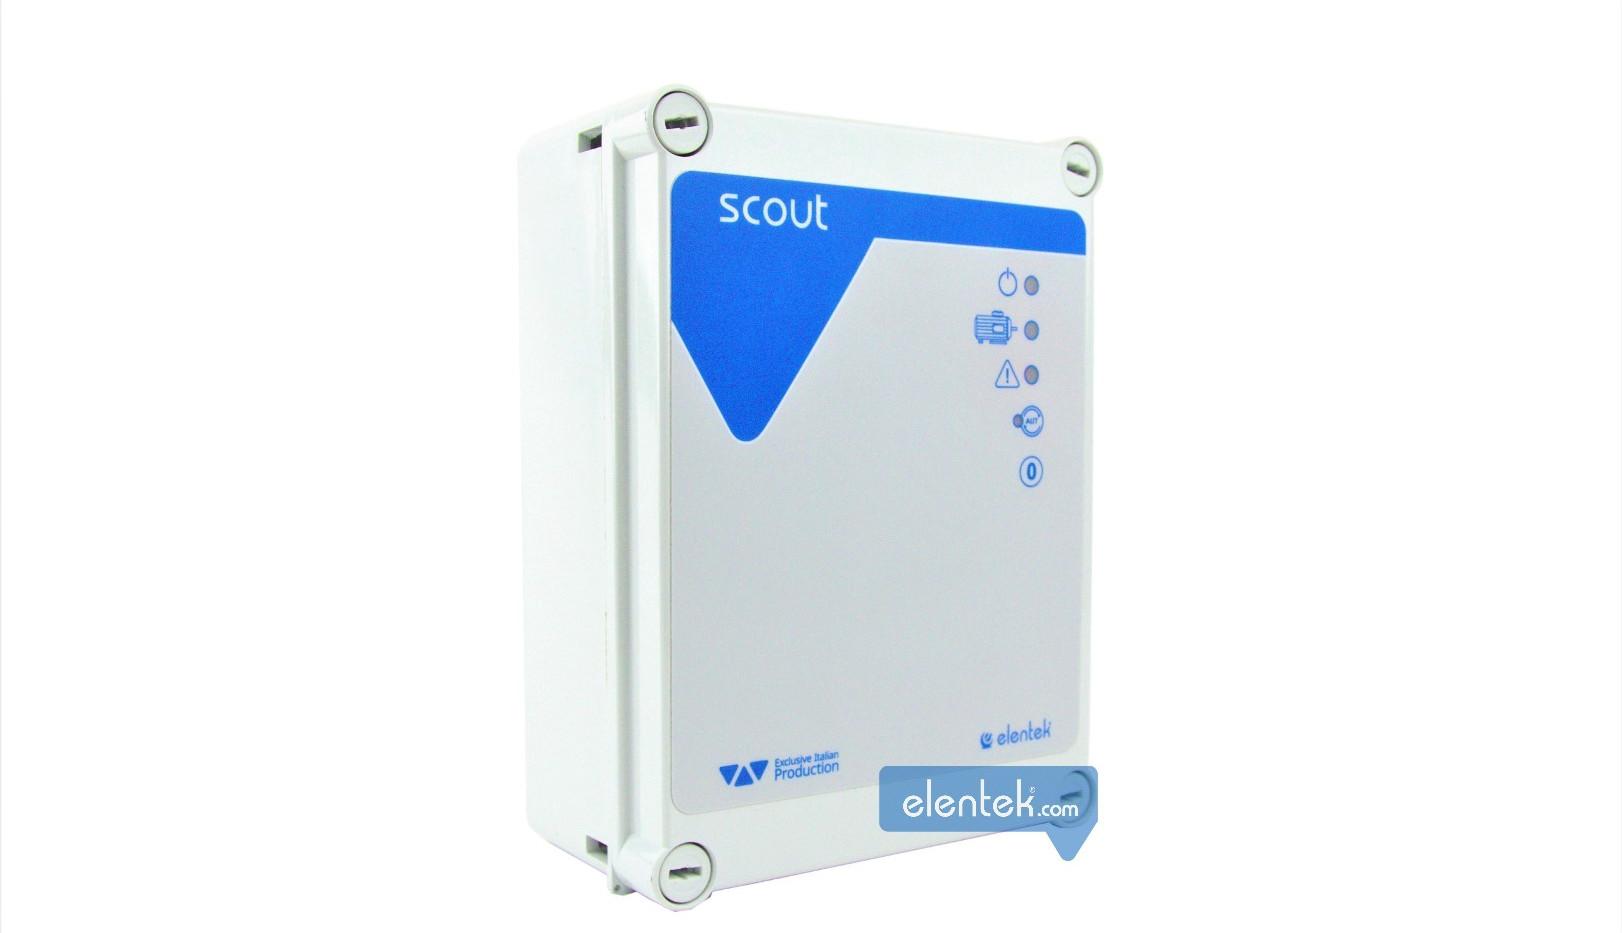 Quadro elettronico controllo pompe con connessione wi-fi Elentek